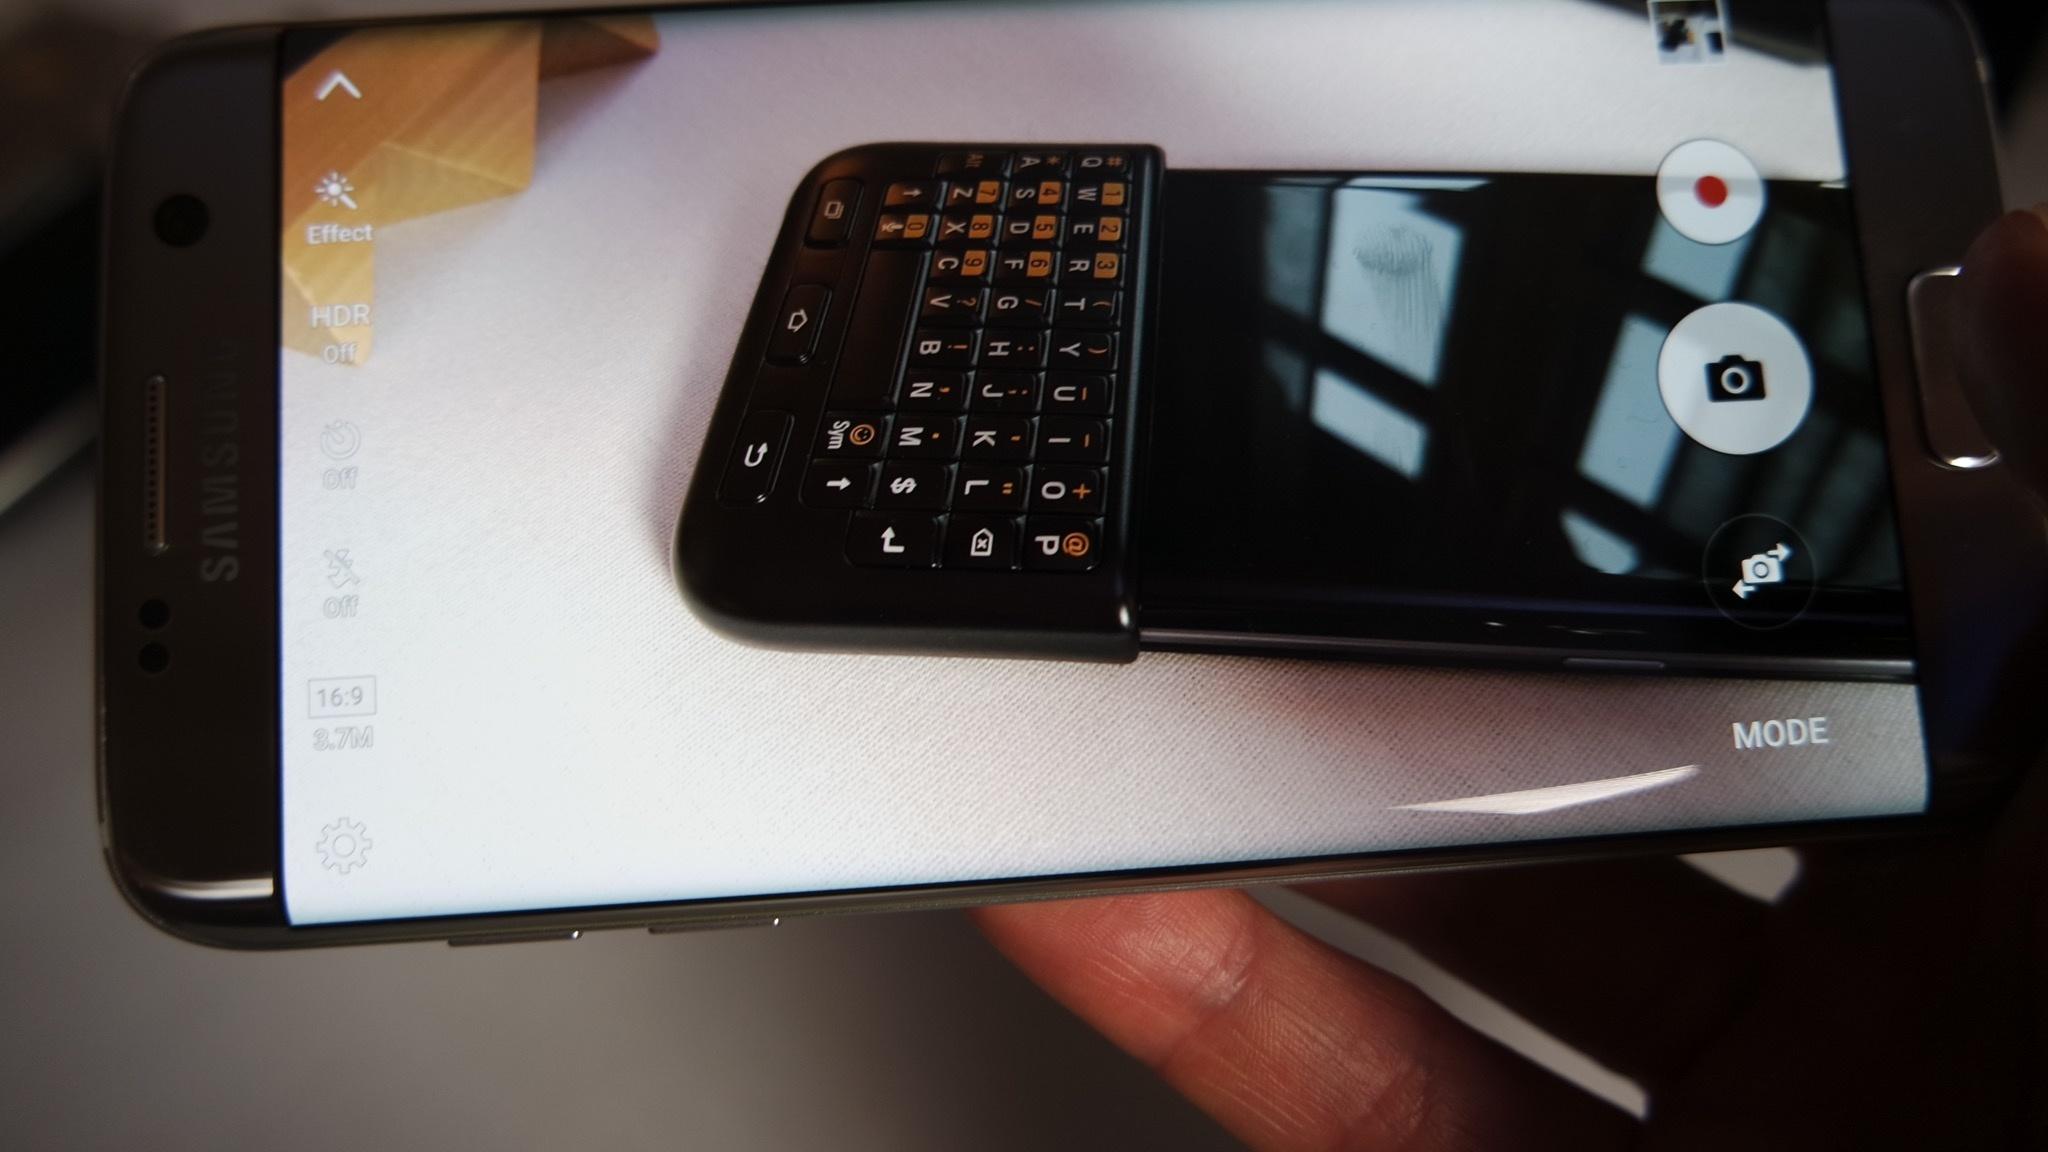 Samsung Galaxy S7 Edge haciendo foto a teclado con la imagen en pantalla